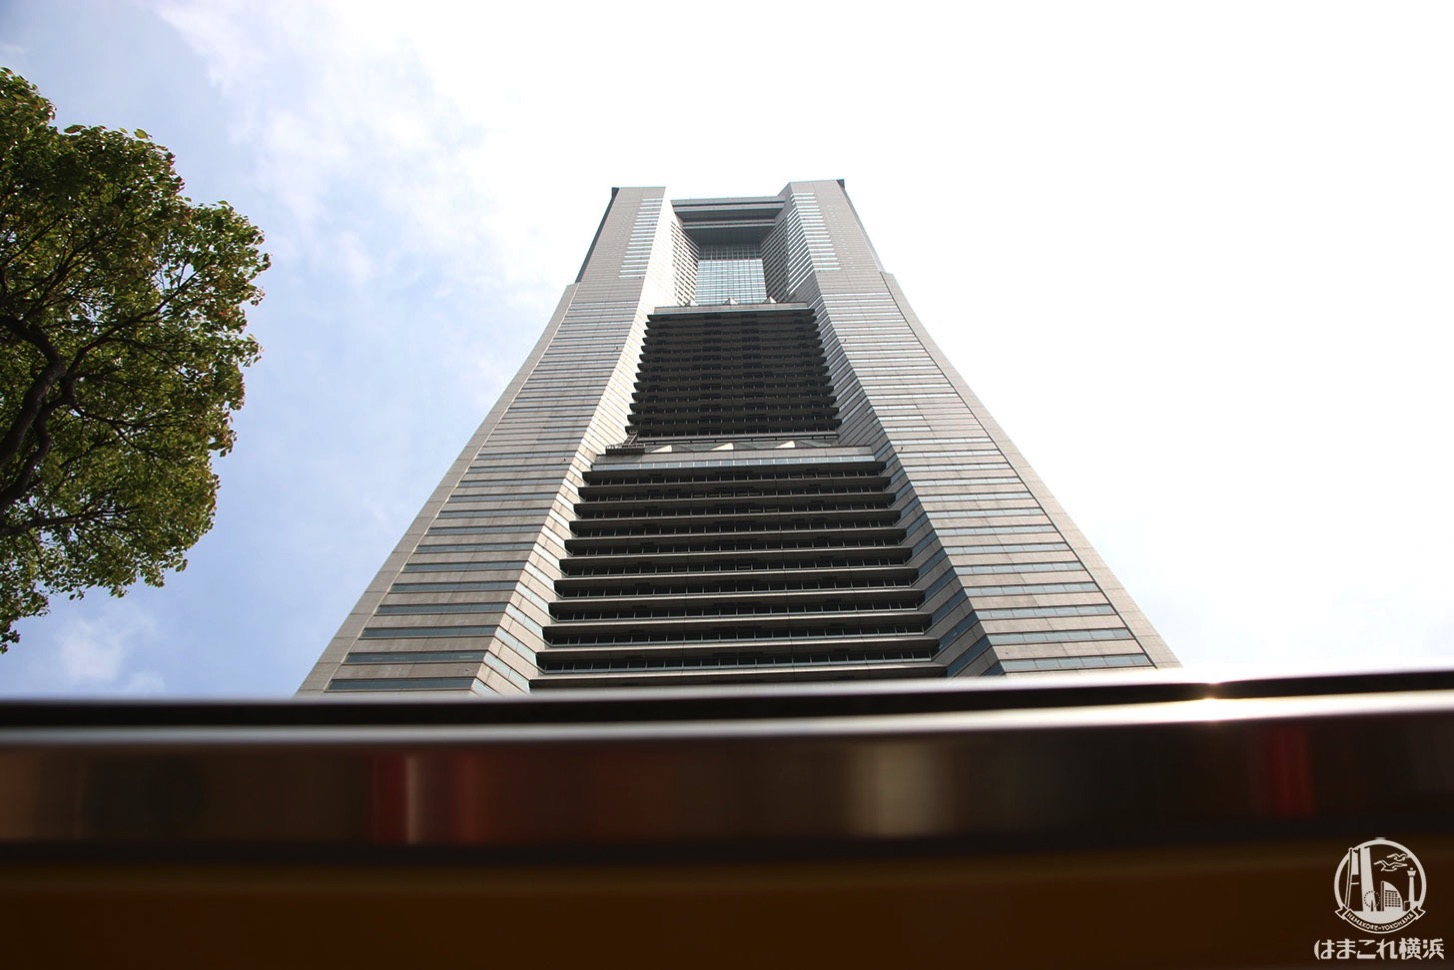 オープントップバスから見た横浜ランドマークタワー